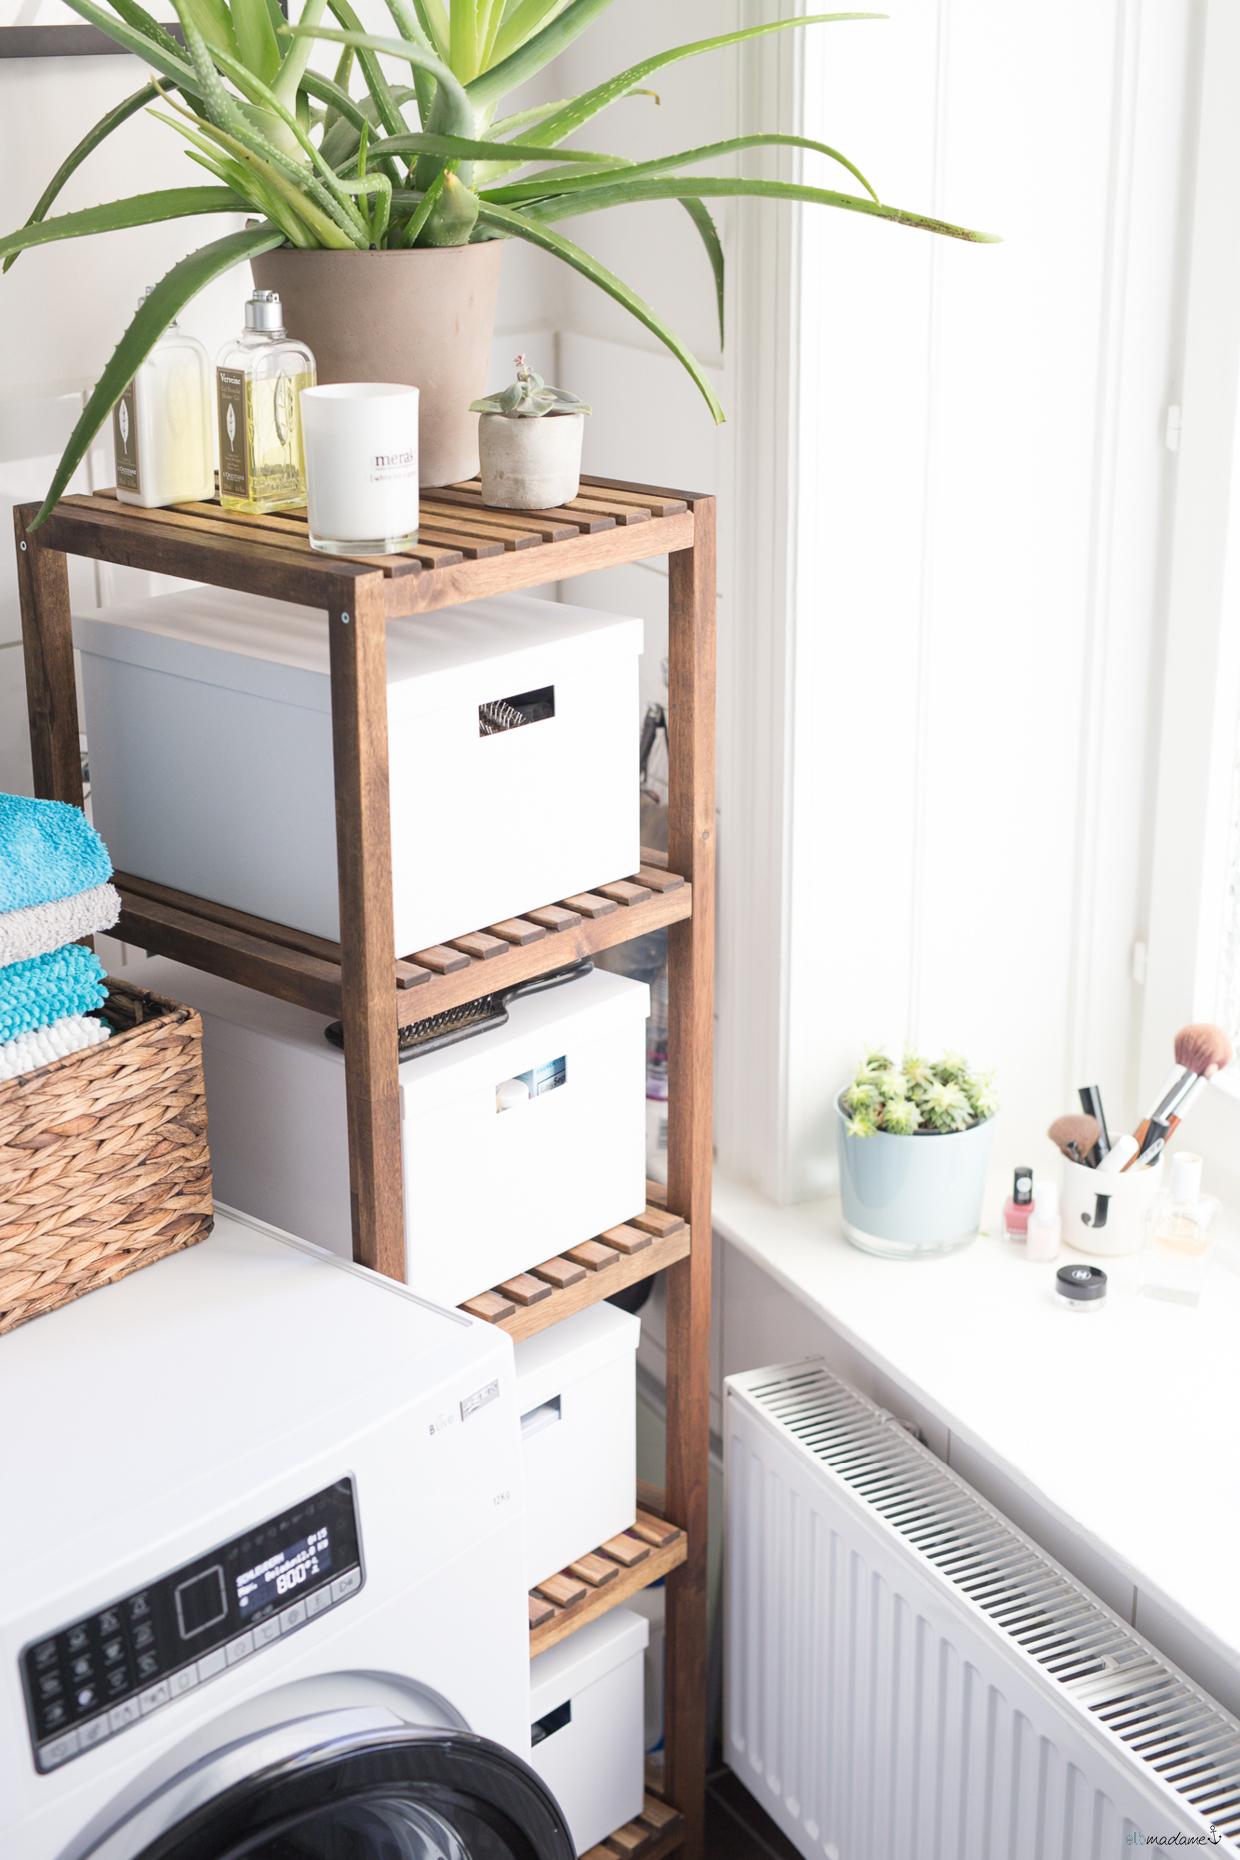 sch n dekorieren kleines badezimmer machen gem tlich hzt6 esszimmer deckenleuchten esszimmer. Black Bedroom Furniture Sets. Home Design Ideas